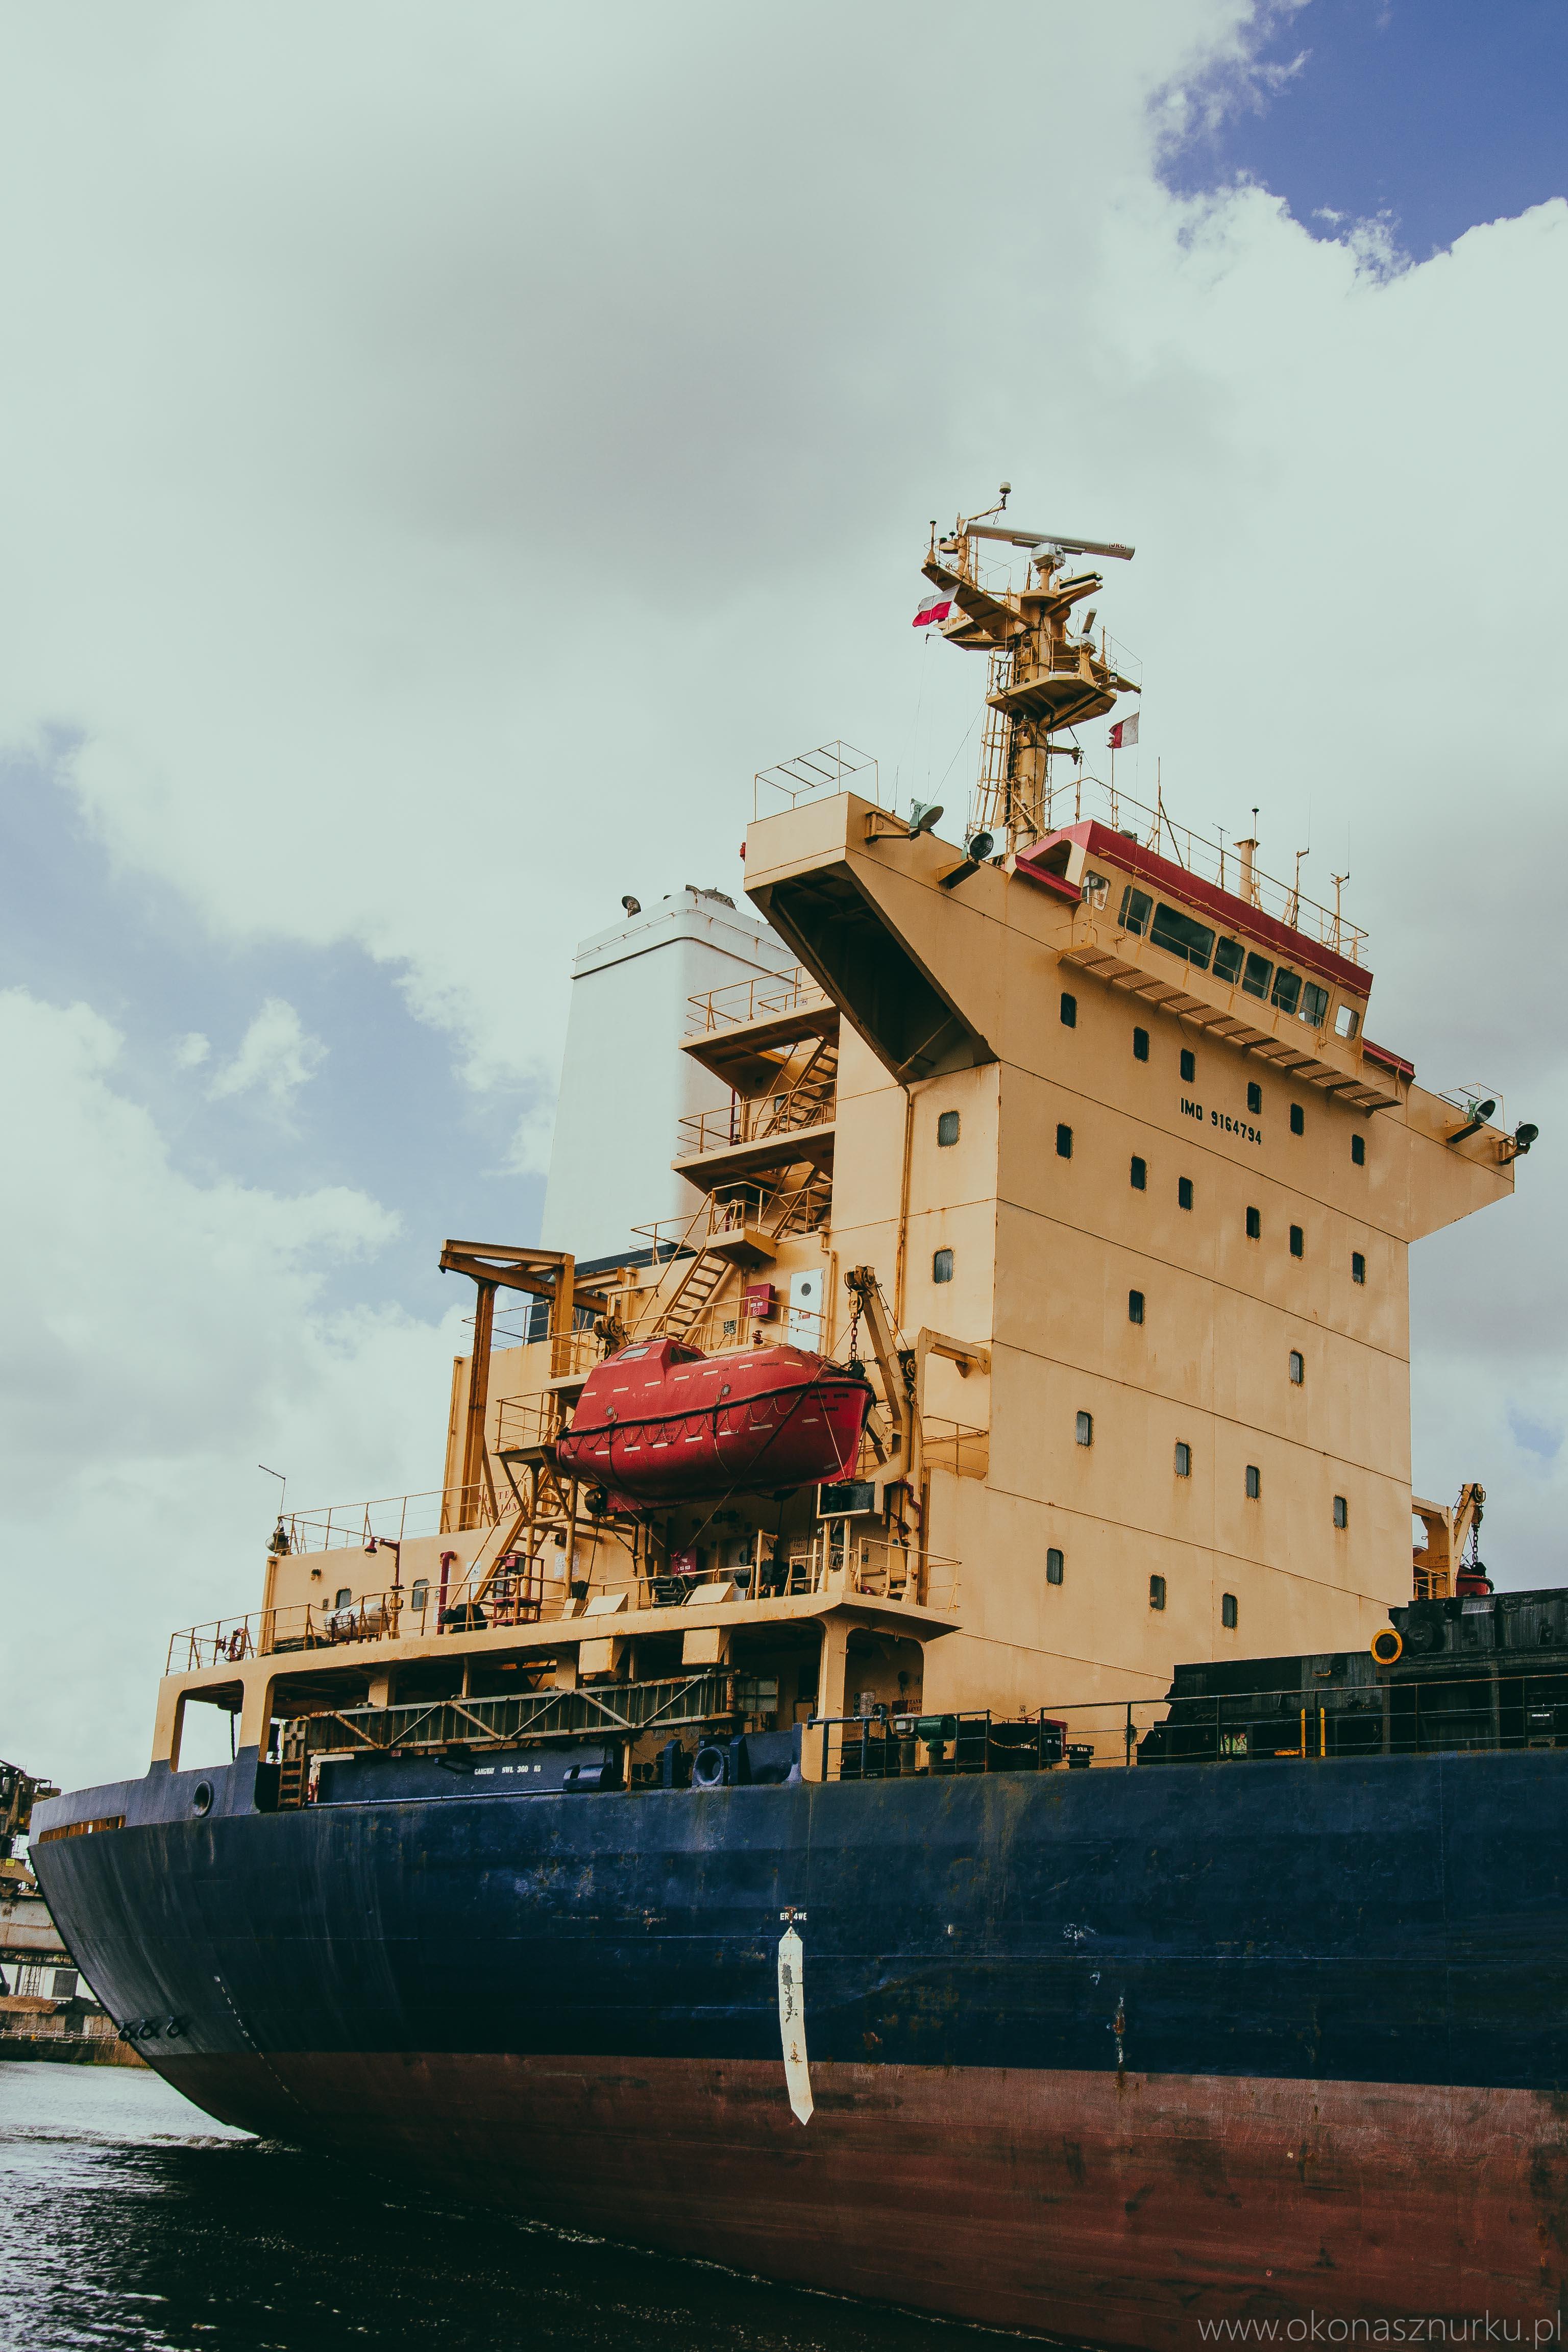 marina-jacht-wyprawy-morskie-silesia-szczecin-goclaw-lubczyna (35)